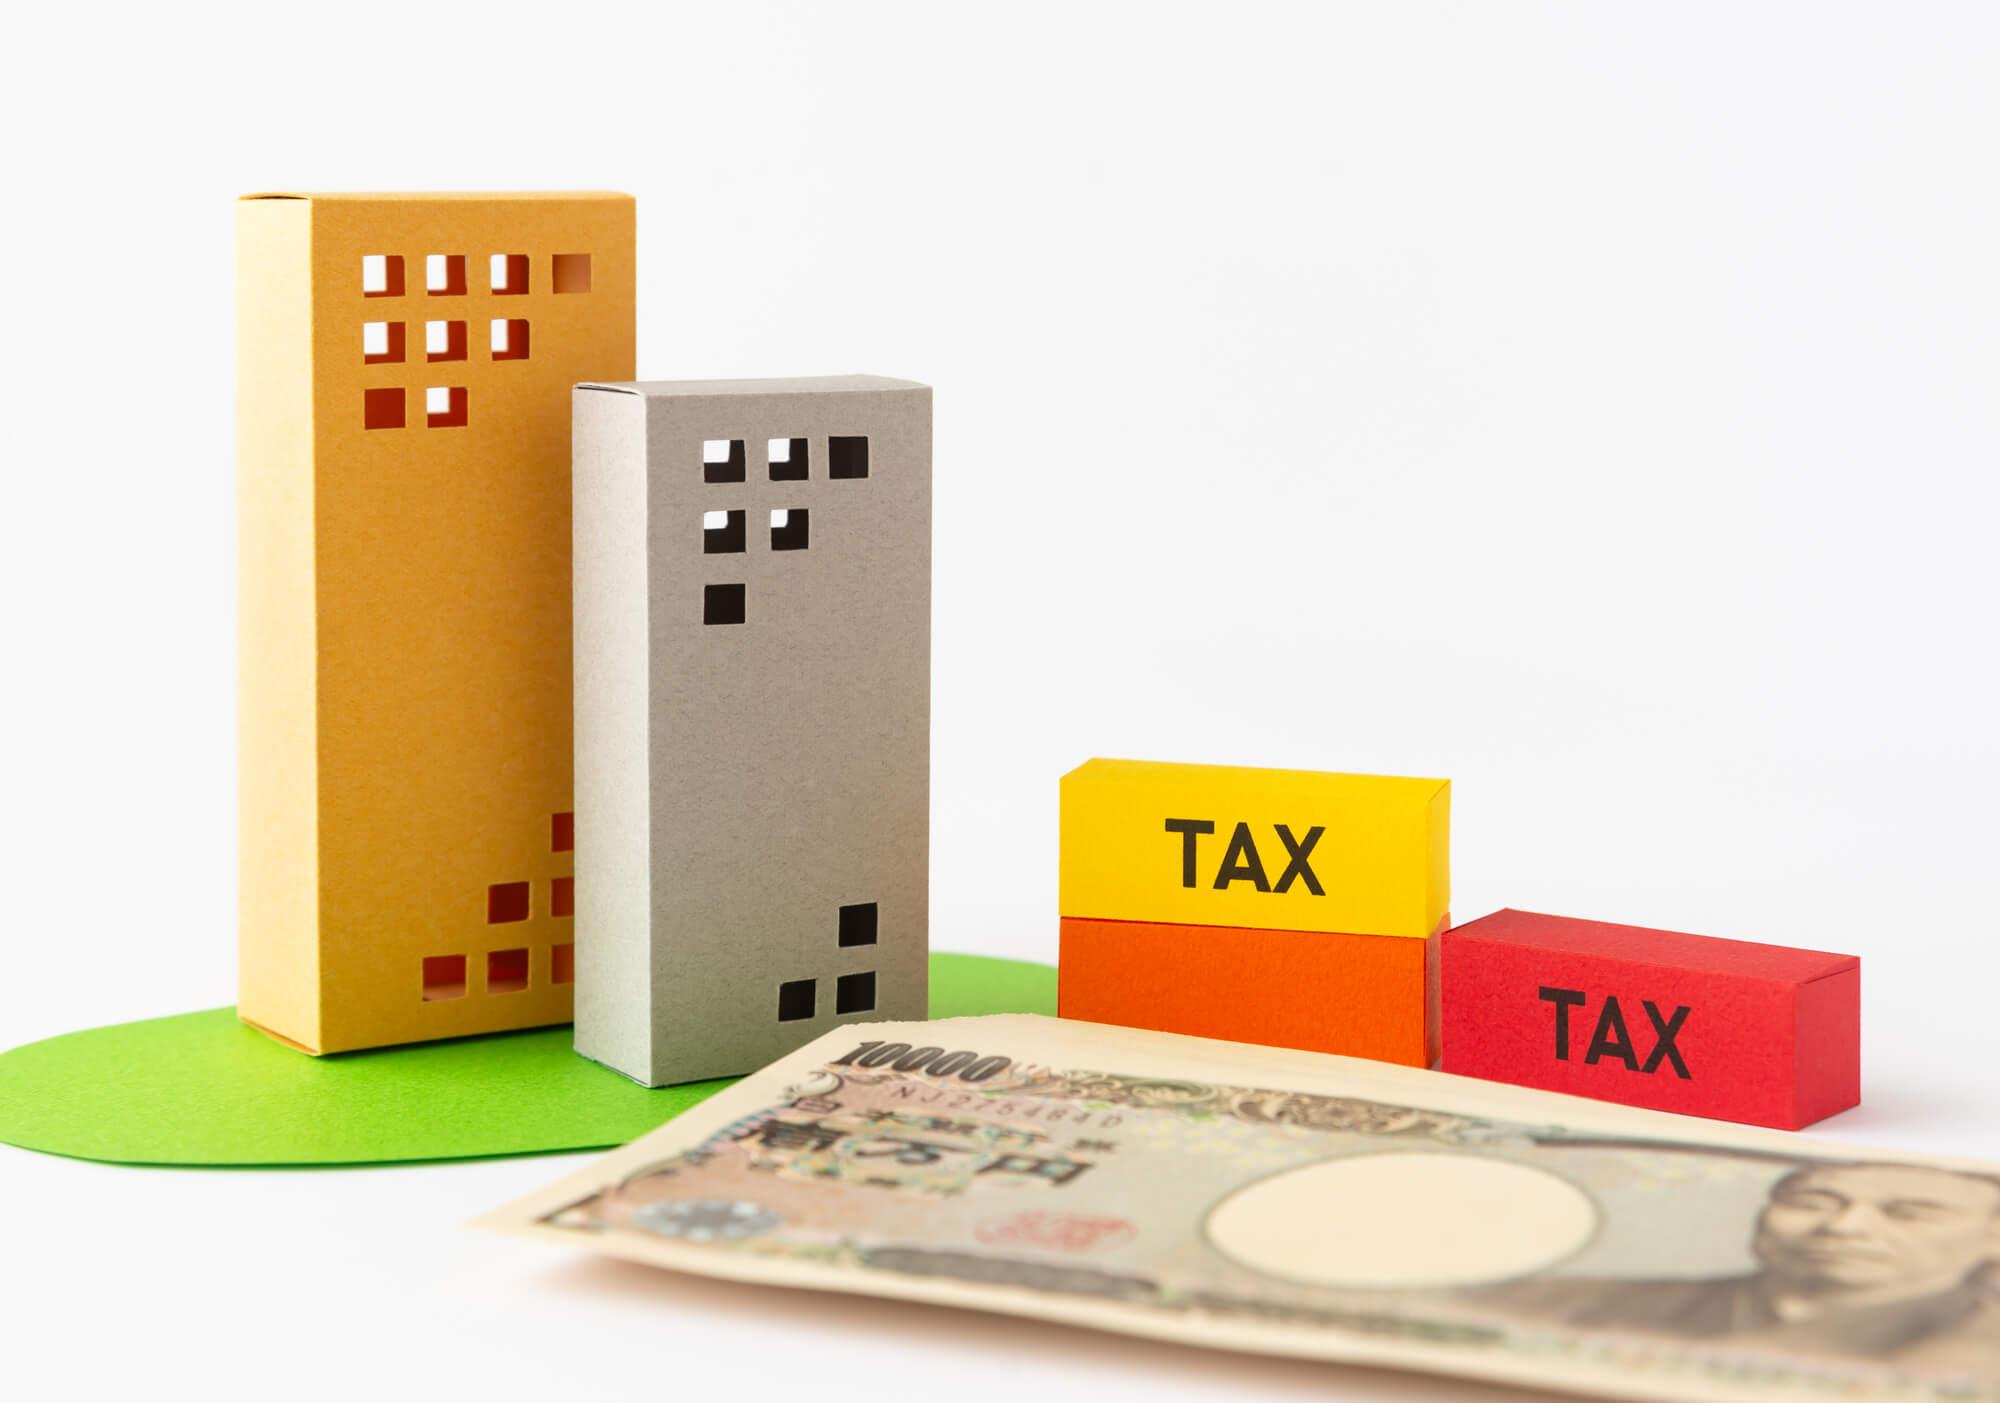 マンション相続で知っておきたい税金のあれこれ